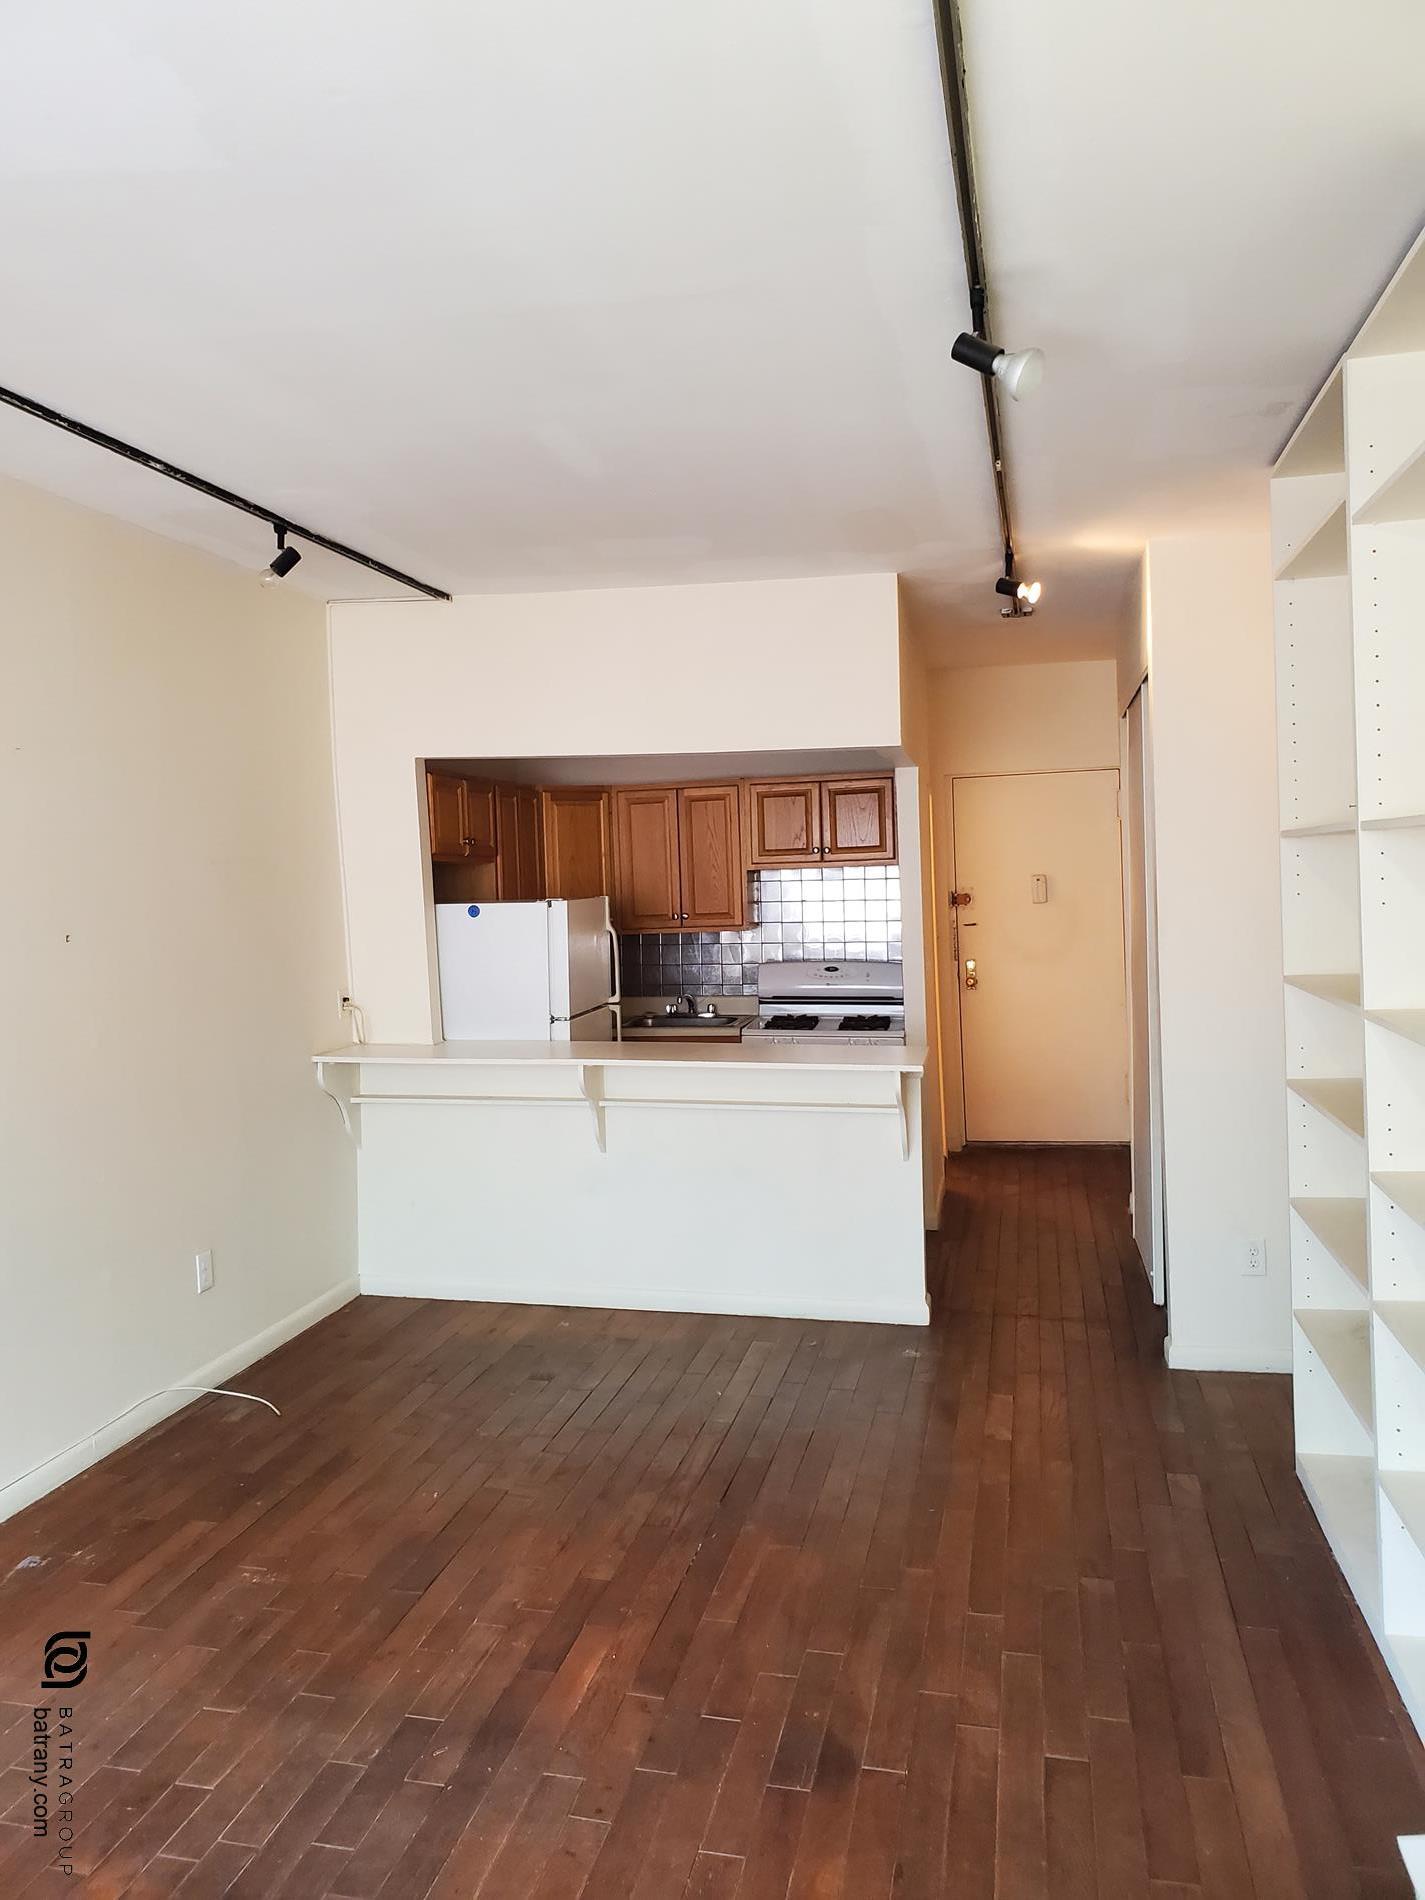 61 Lexington Avenue Kips Bay New York NY 10010